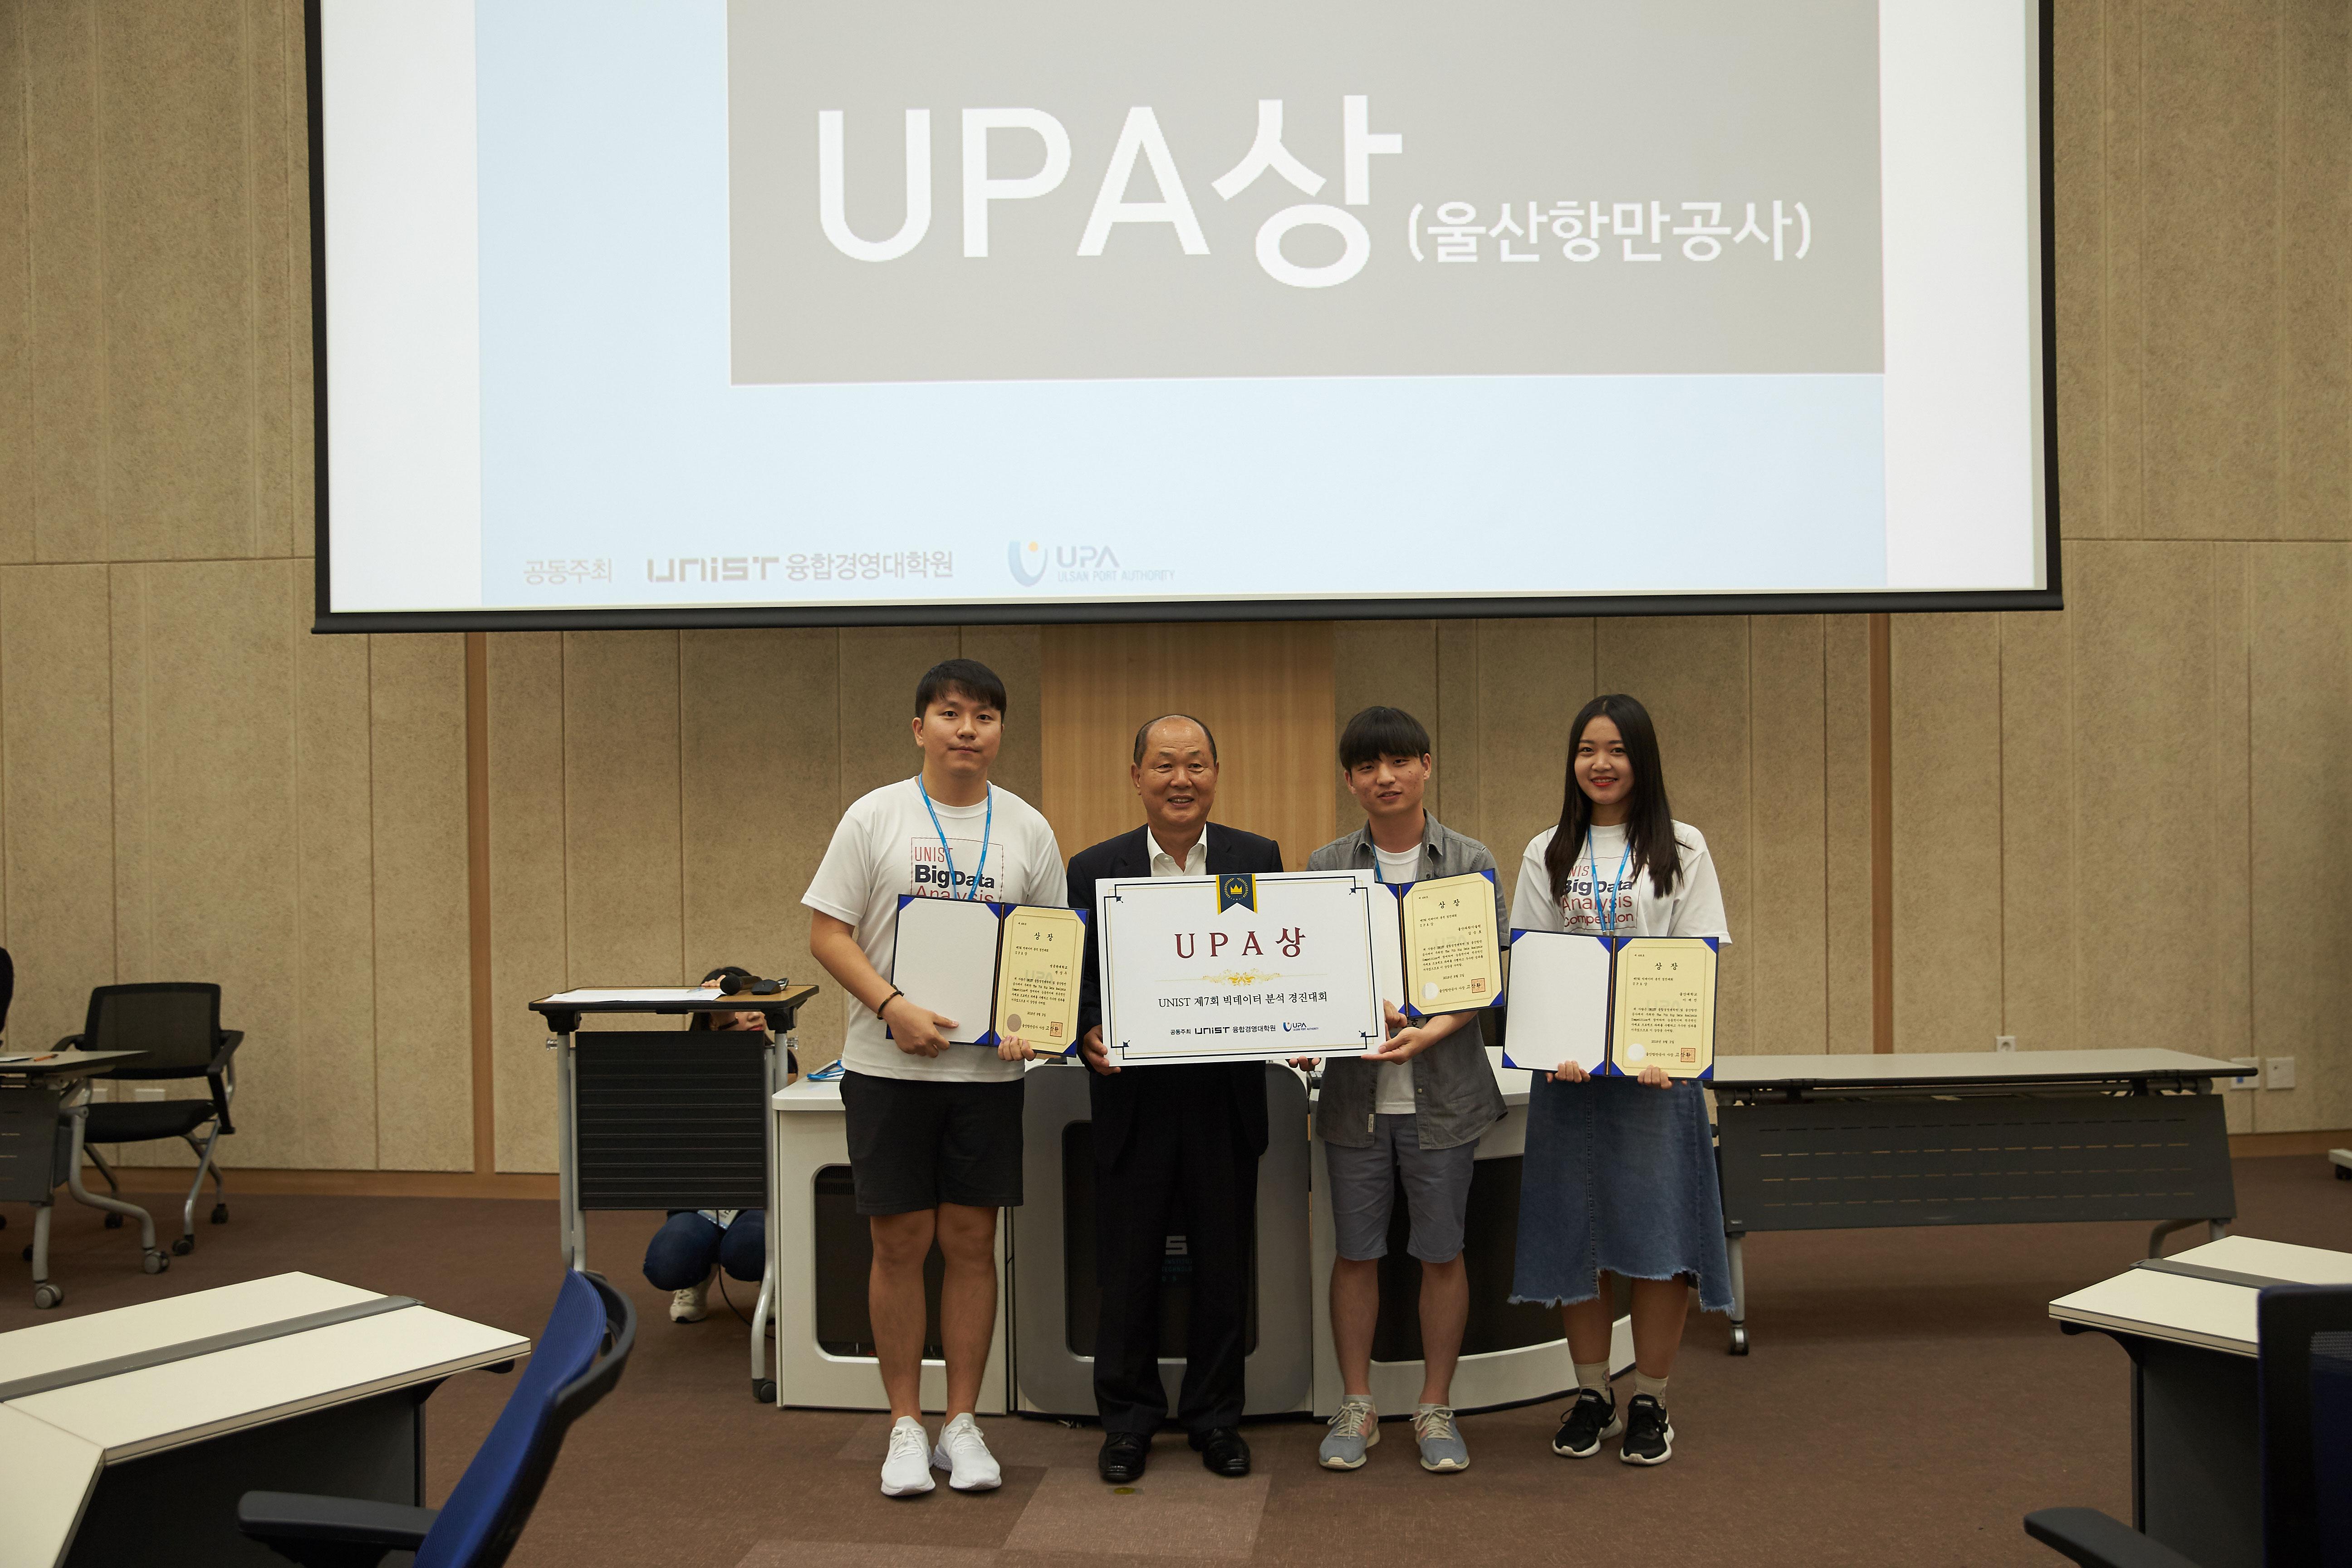 4조 학생들()이 UPA상을 수상했다. 고상환 UPA 사장이 직접 시상했다. | 사진: 김경채